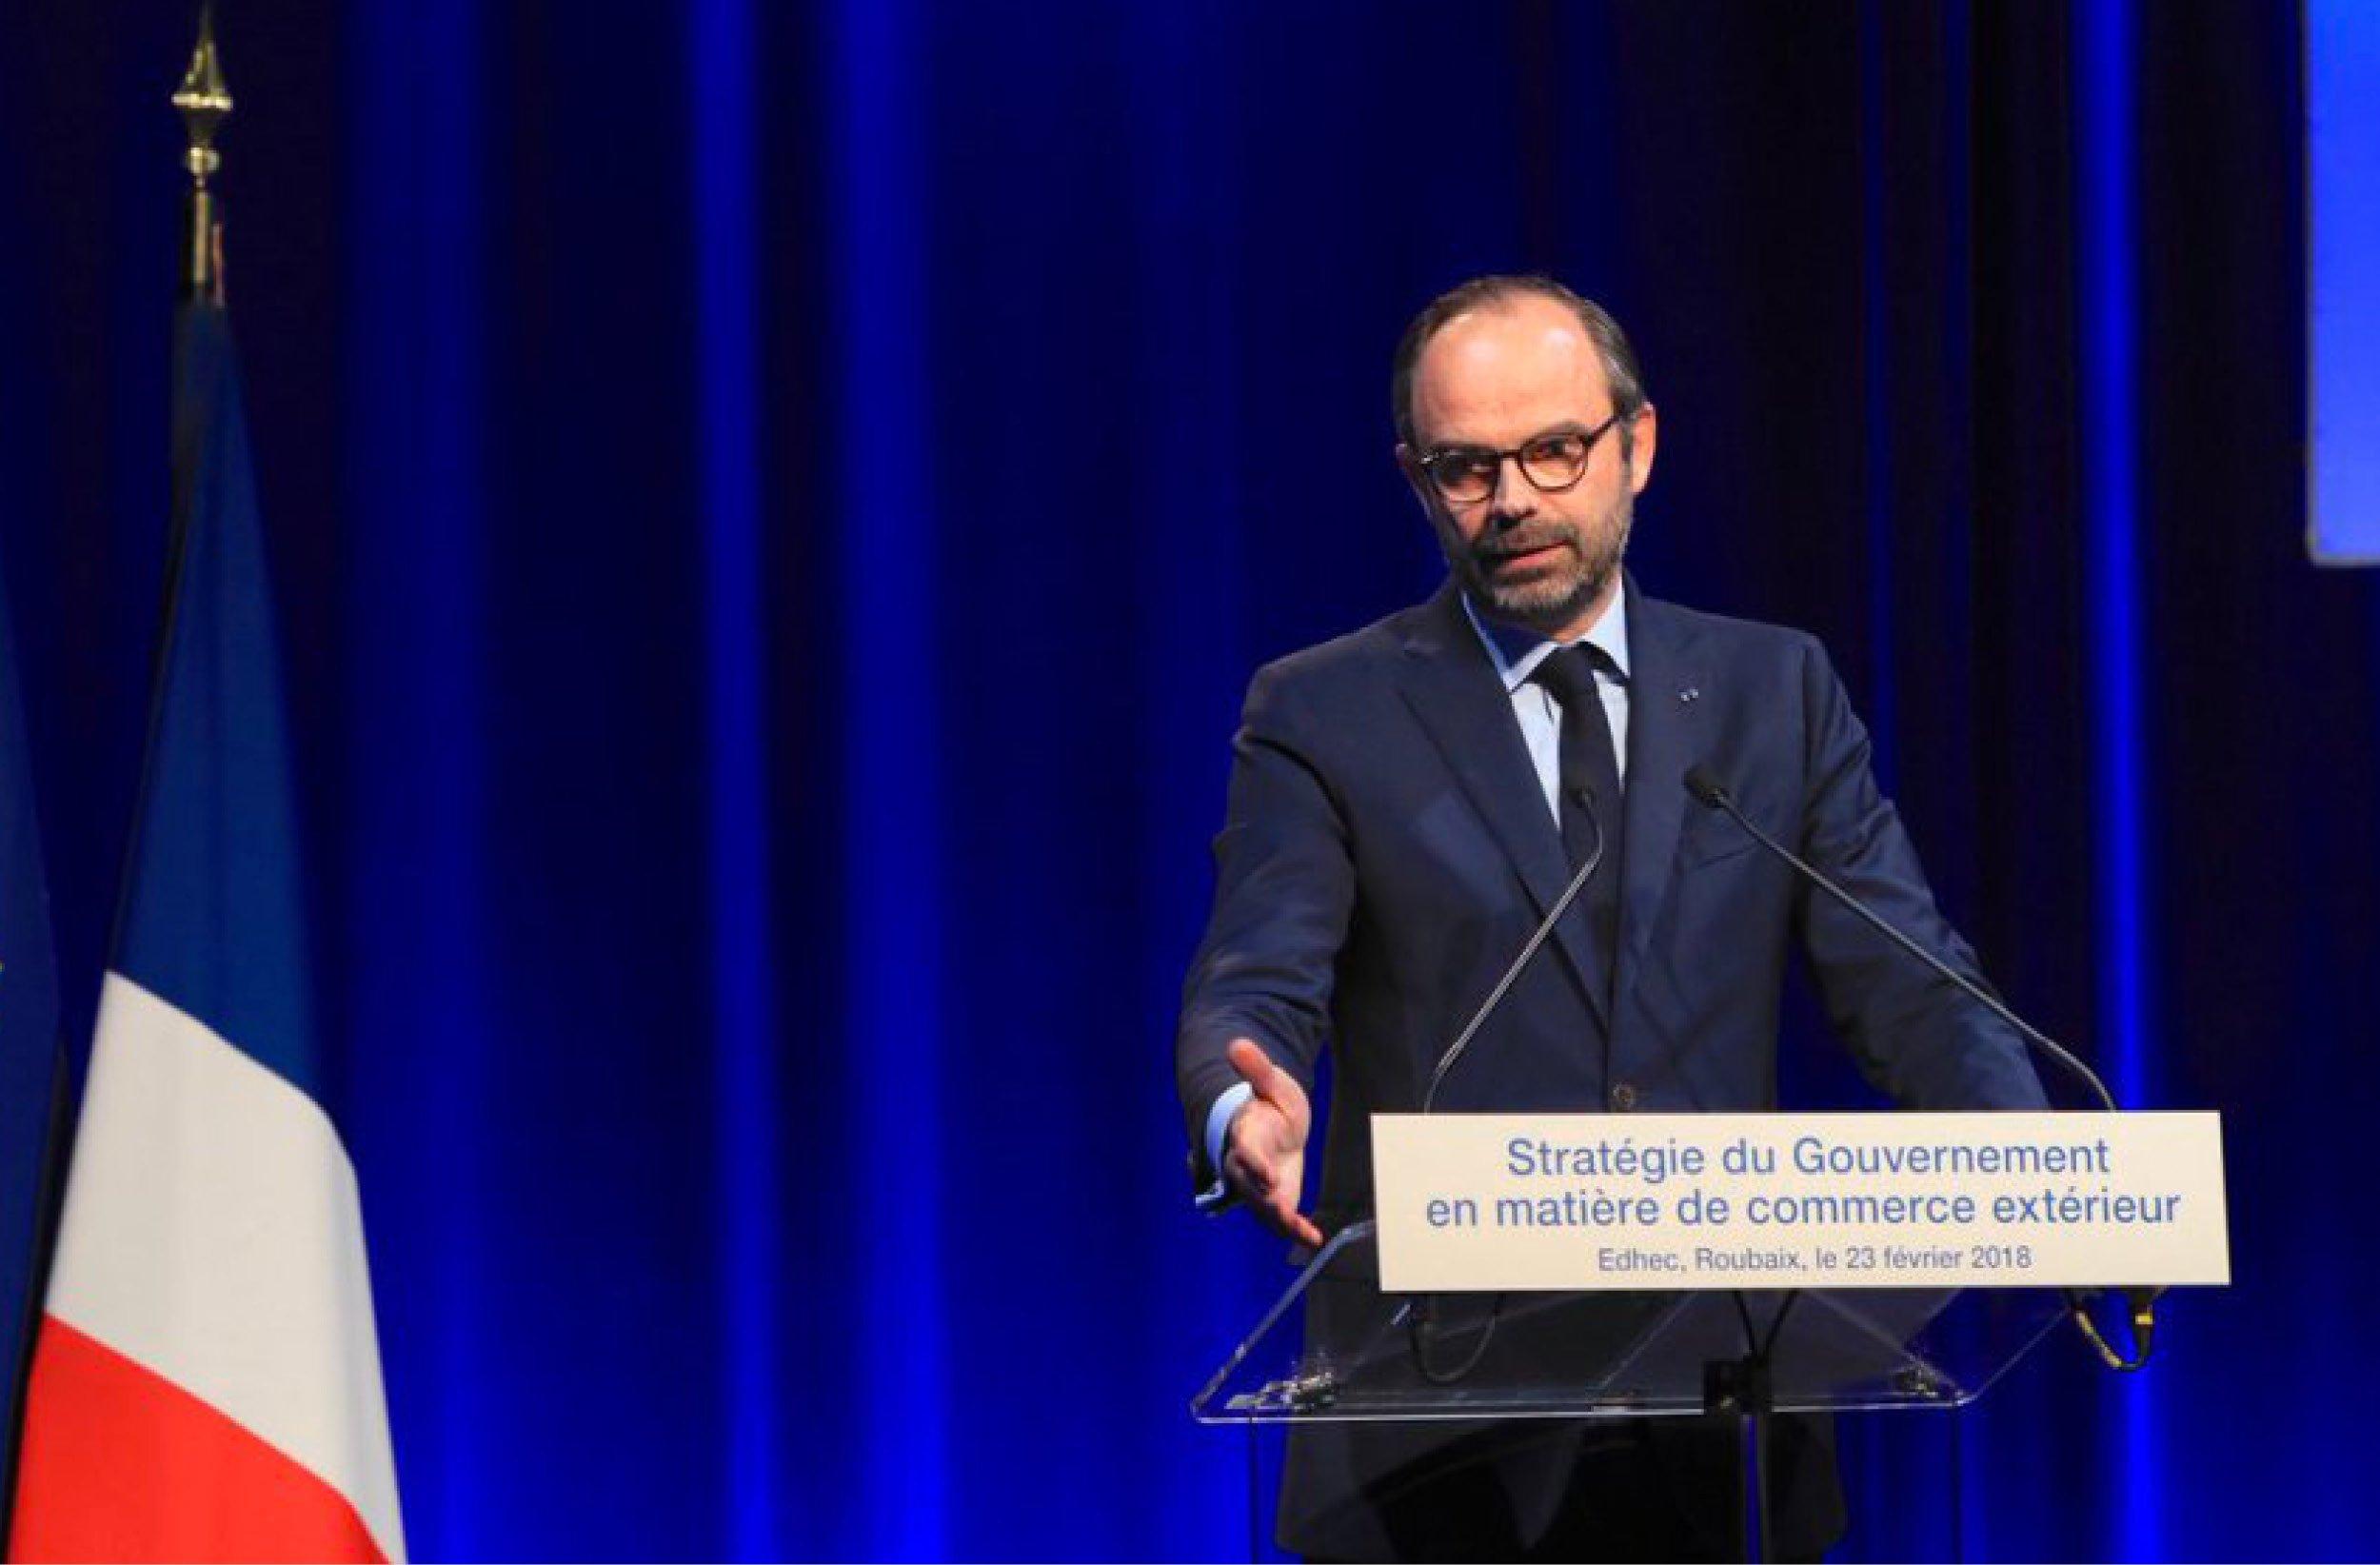 Nouvelle stratégie commerce extérieur par Edouard Philippe